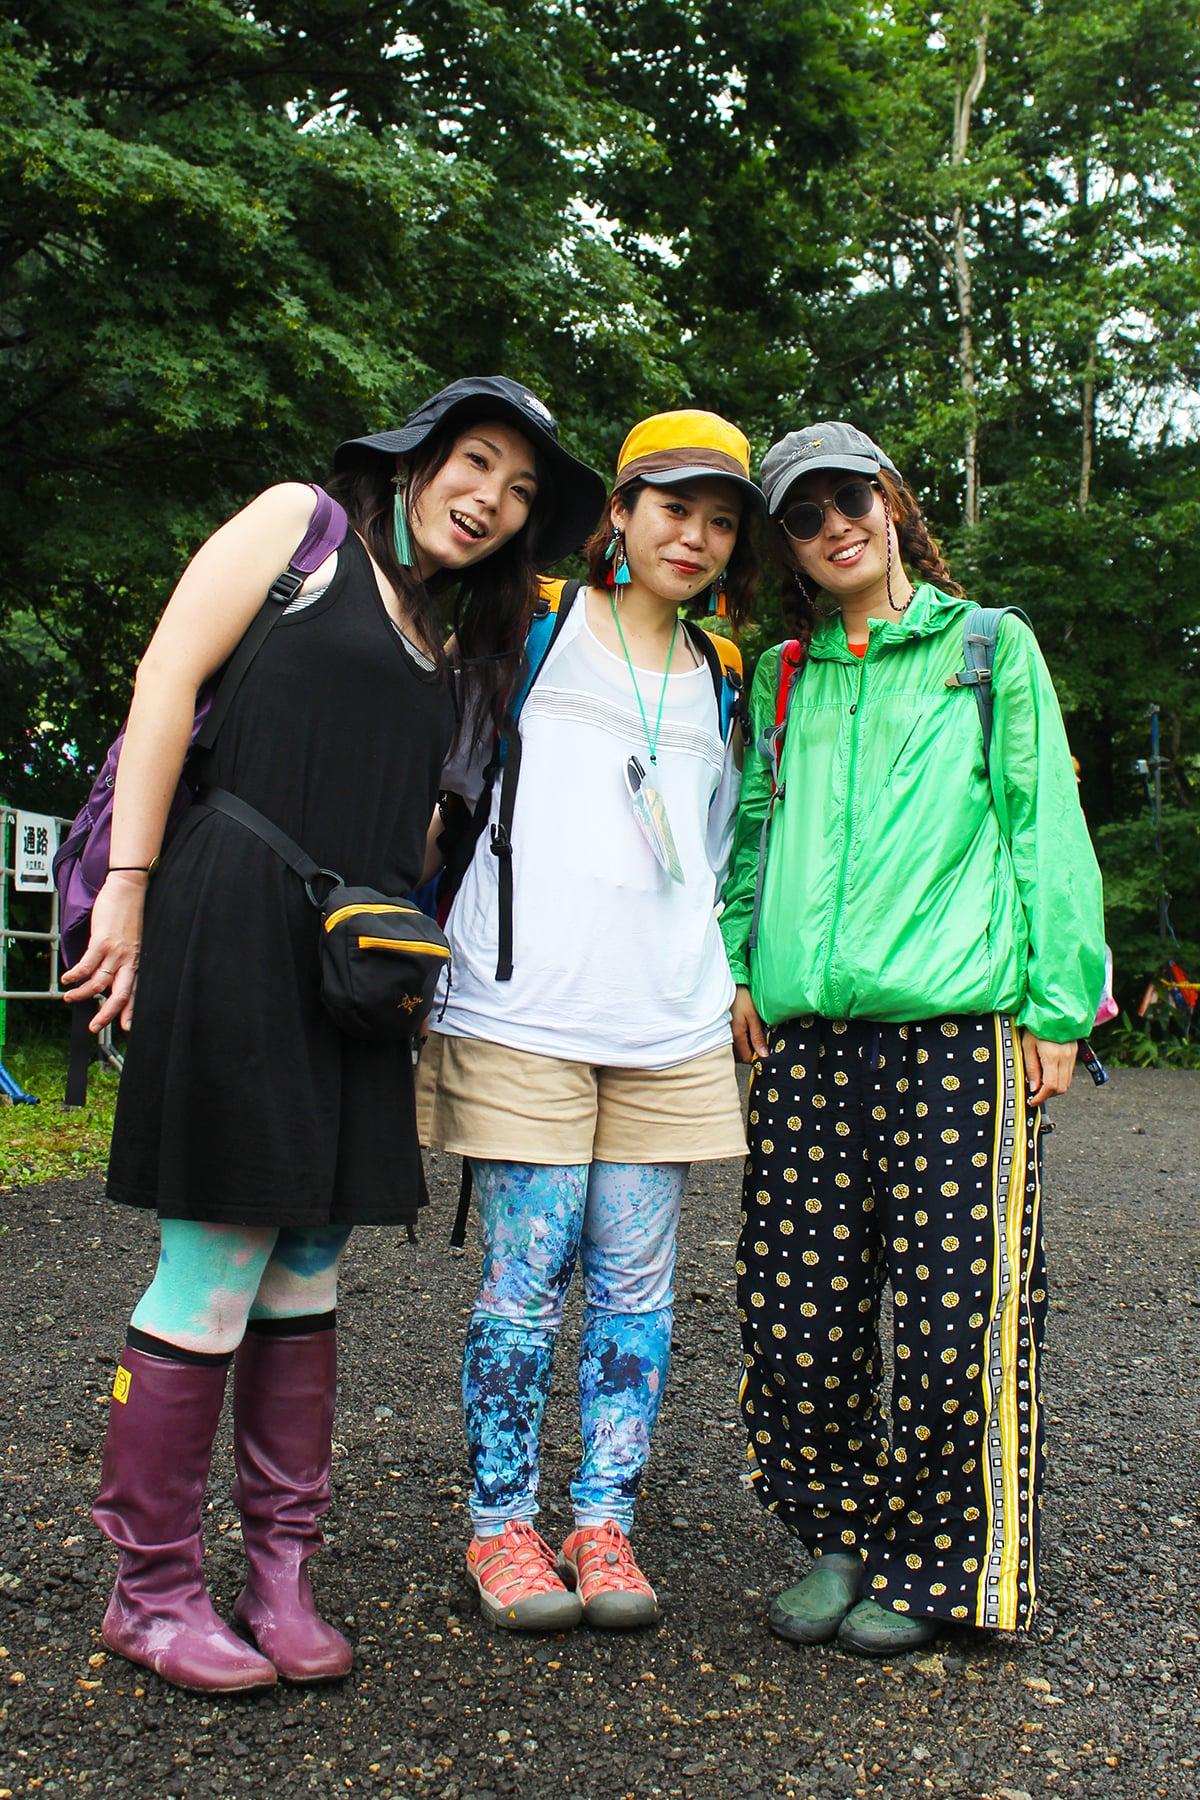 001_1 <フジロック'17>雨でも晴れでも120%楽しめる!音楽好きの足元&ファッションスナップ!